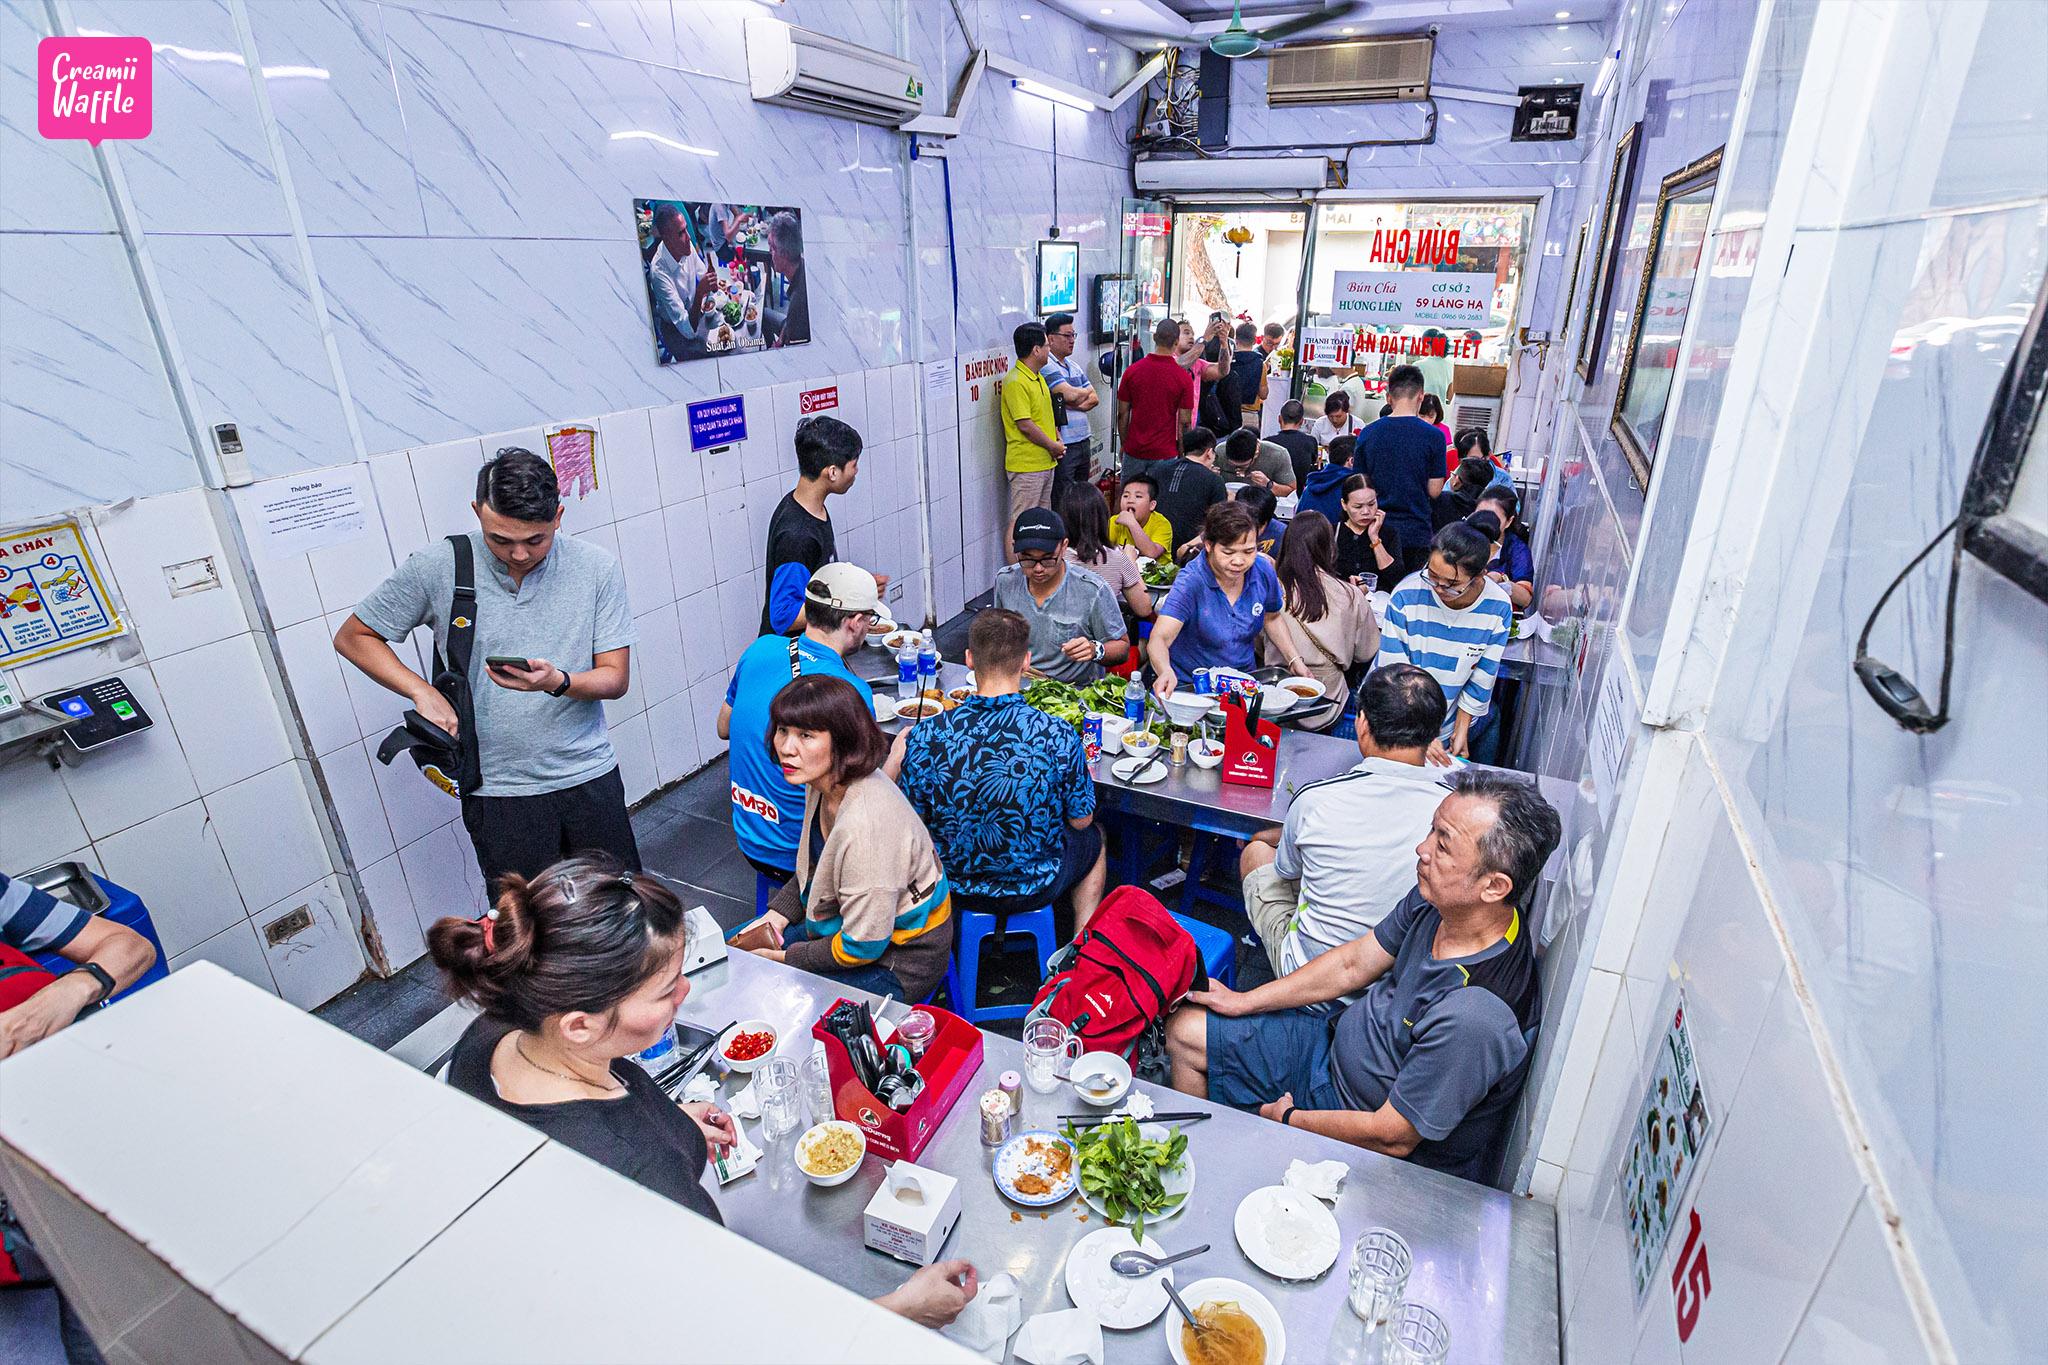 Bún chả Hương Liên OBAMA ร้านอาหารเด็ดเวียดนาม